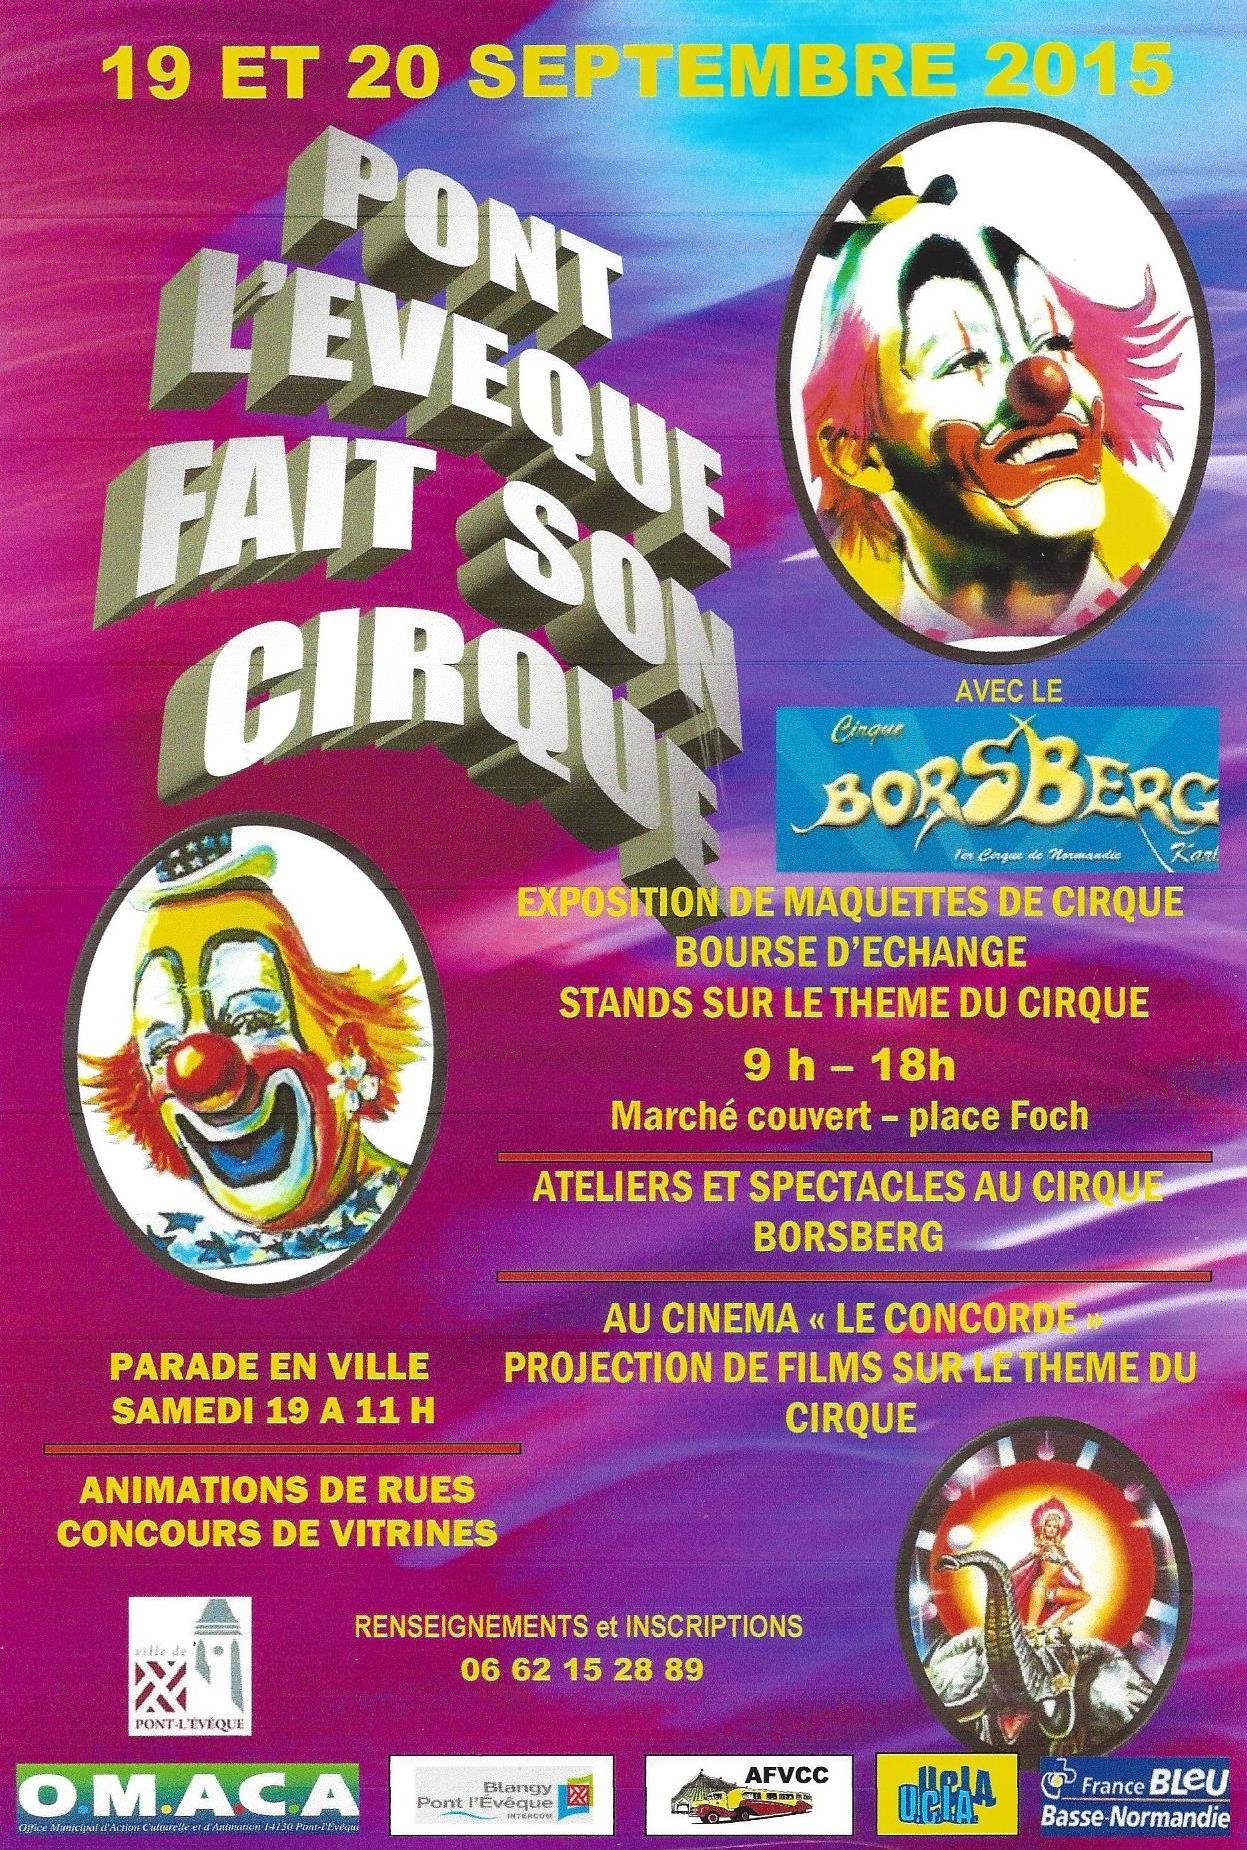 Affiche cirque 2015